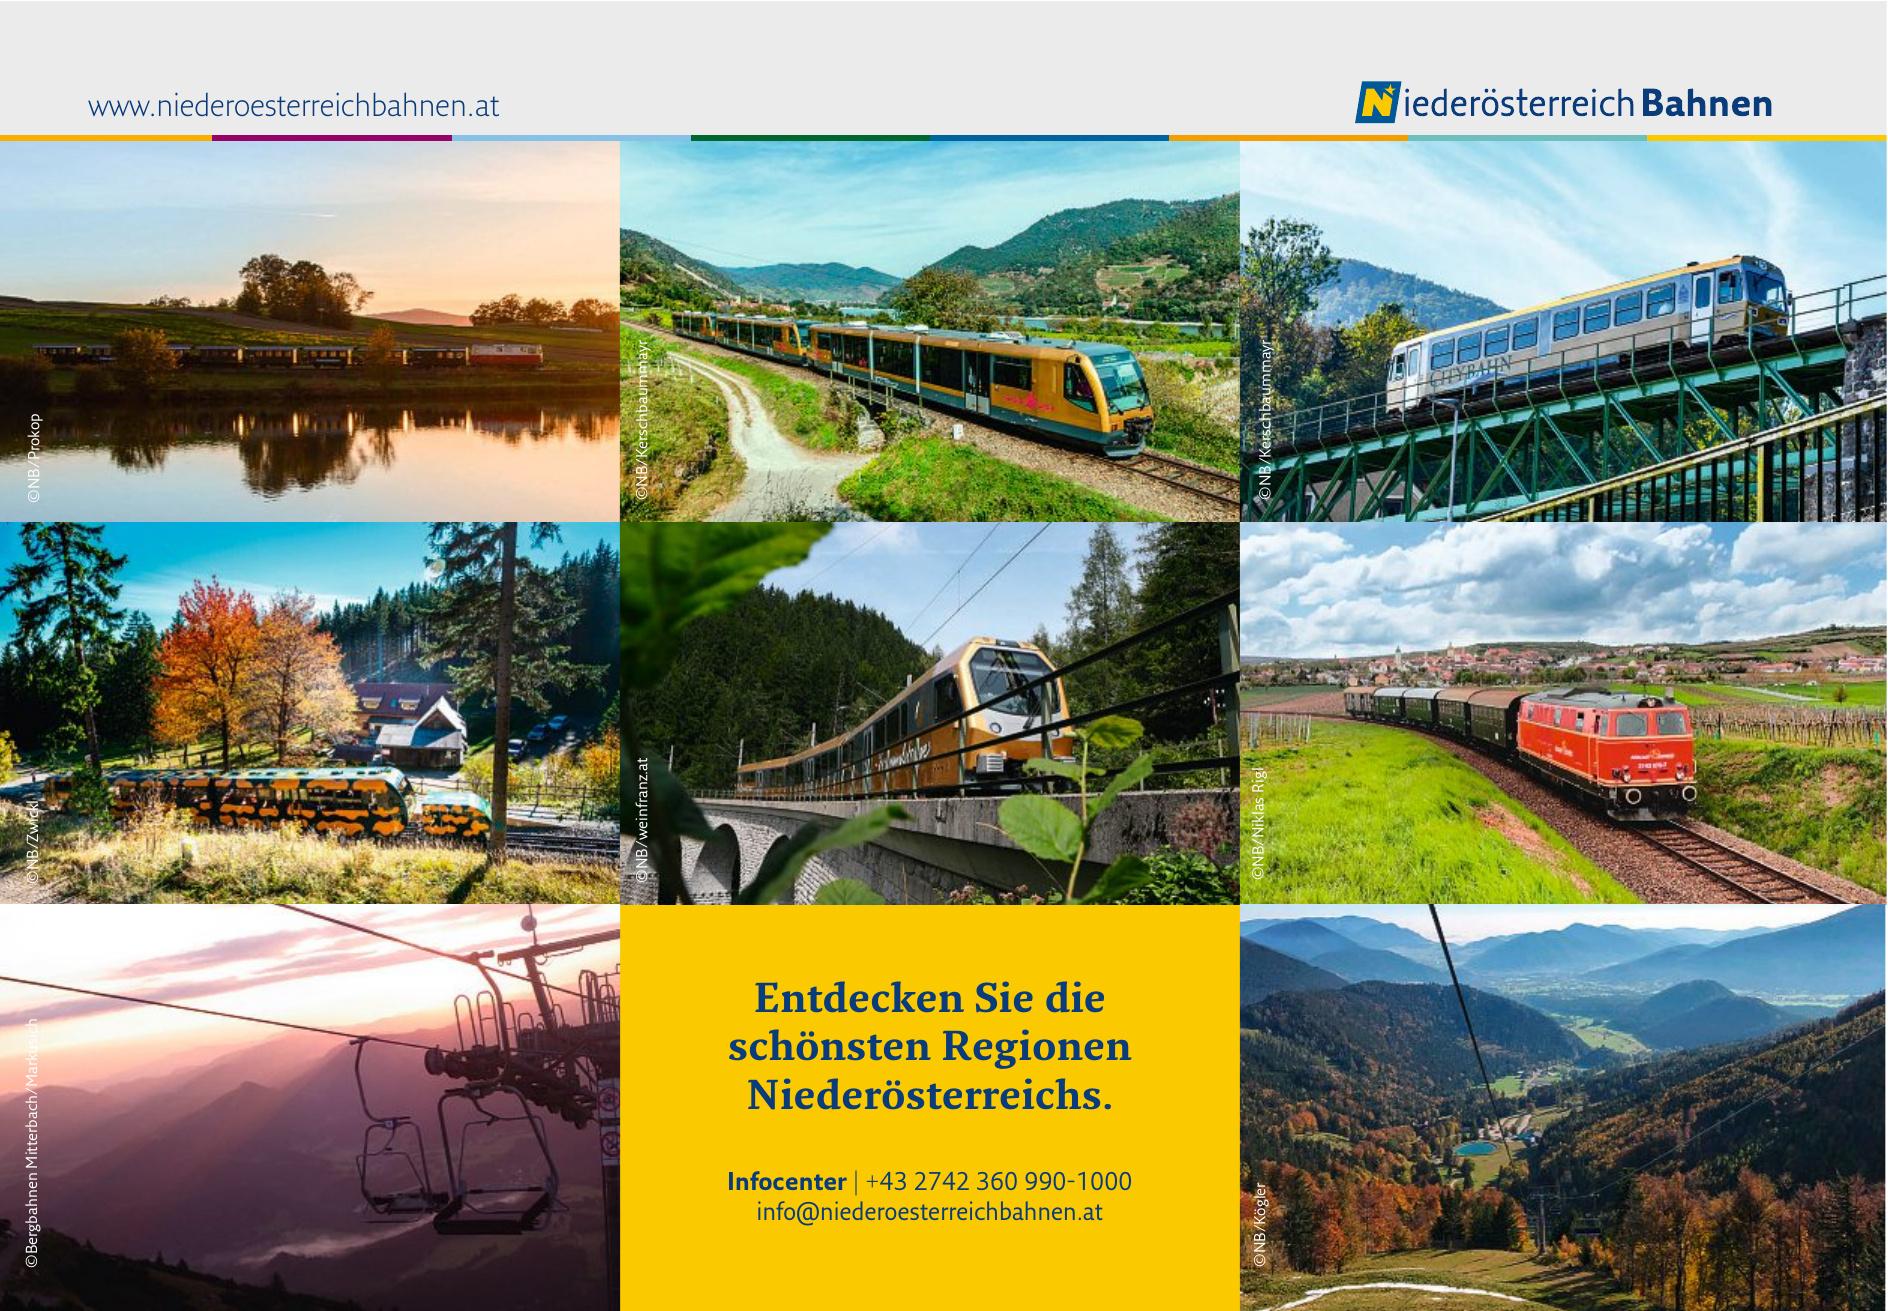 Niederösterreich Bahnen